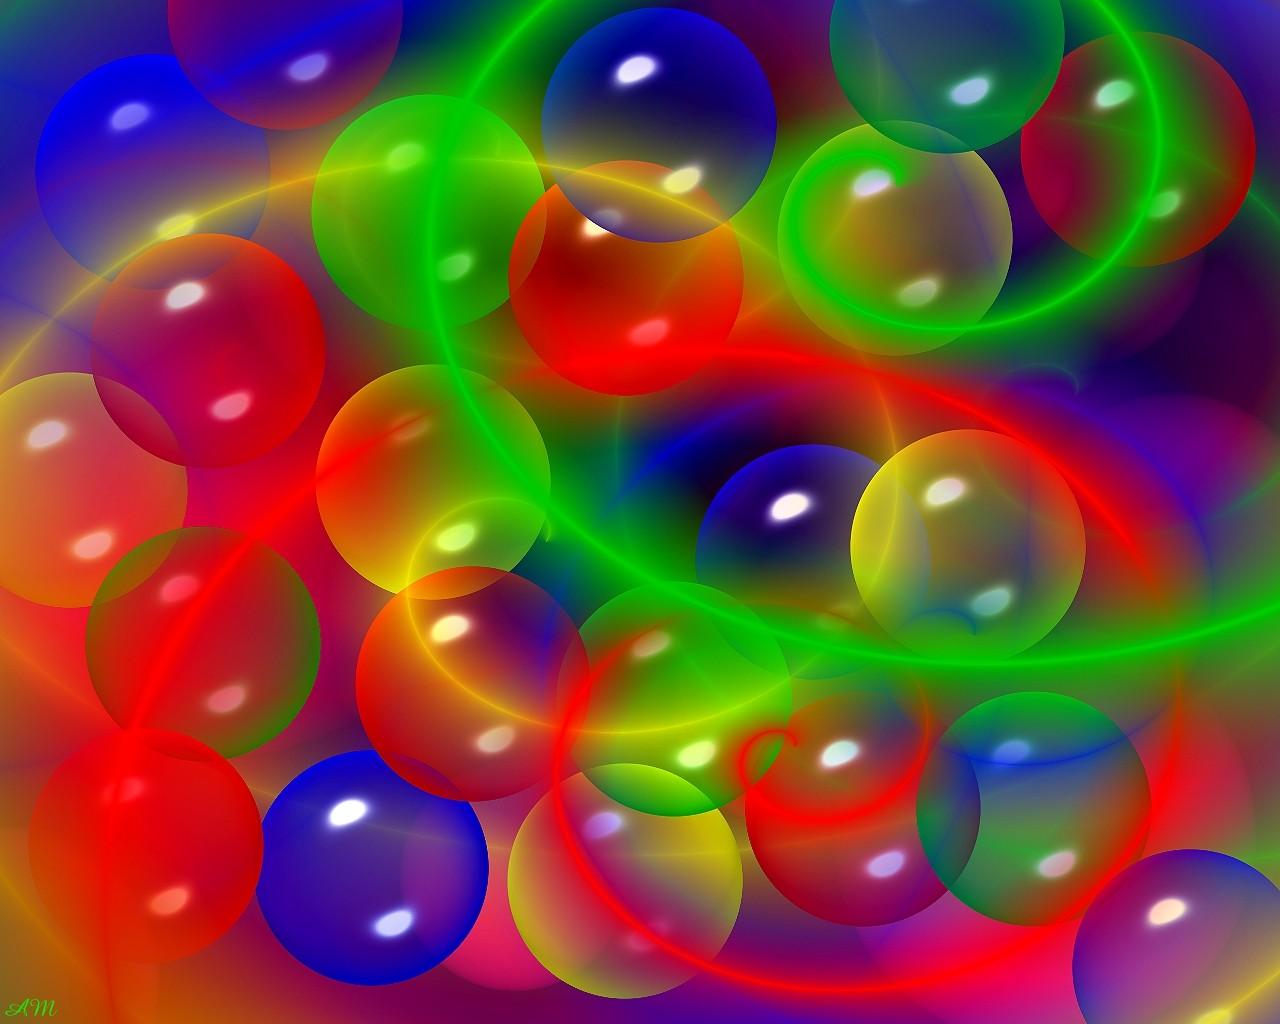 Картинки с разноцветными пузырьками